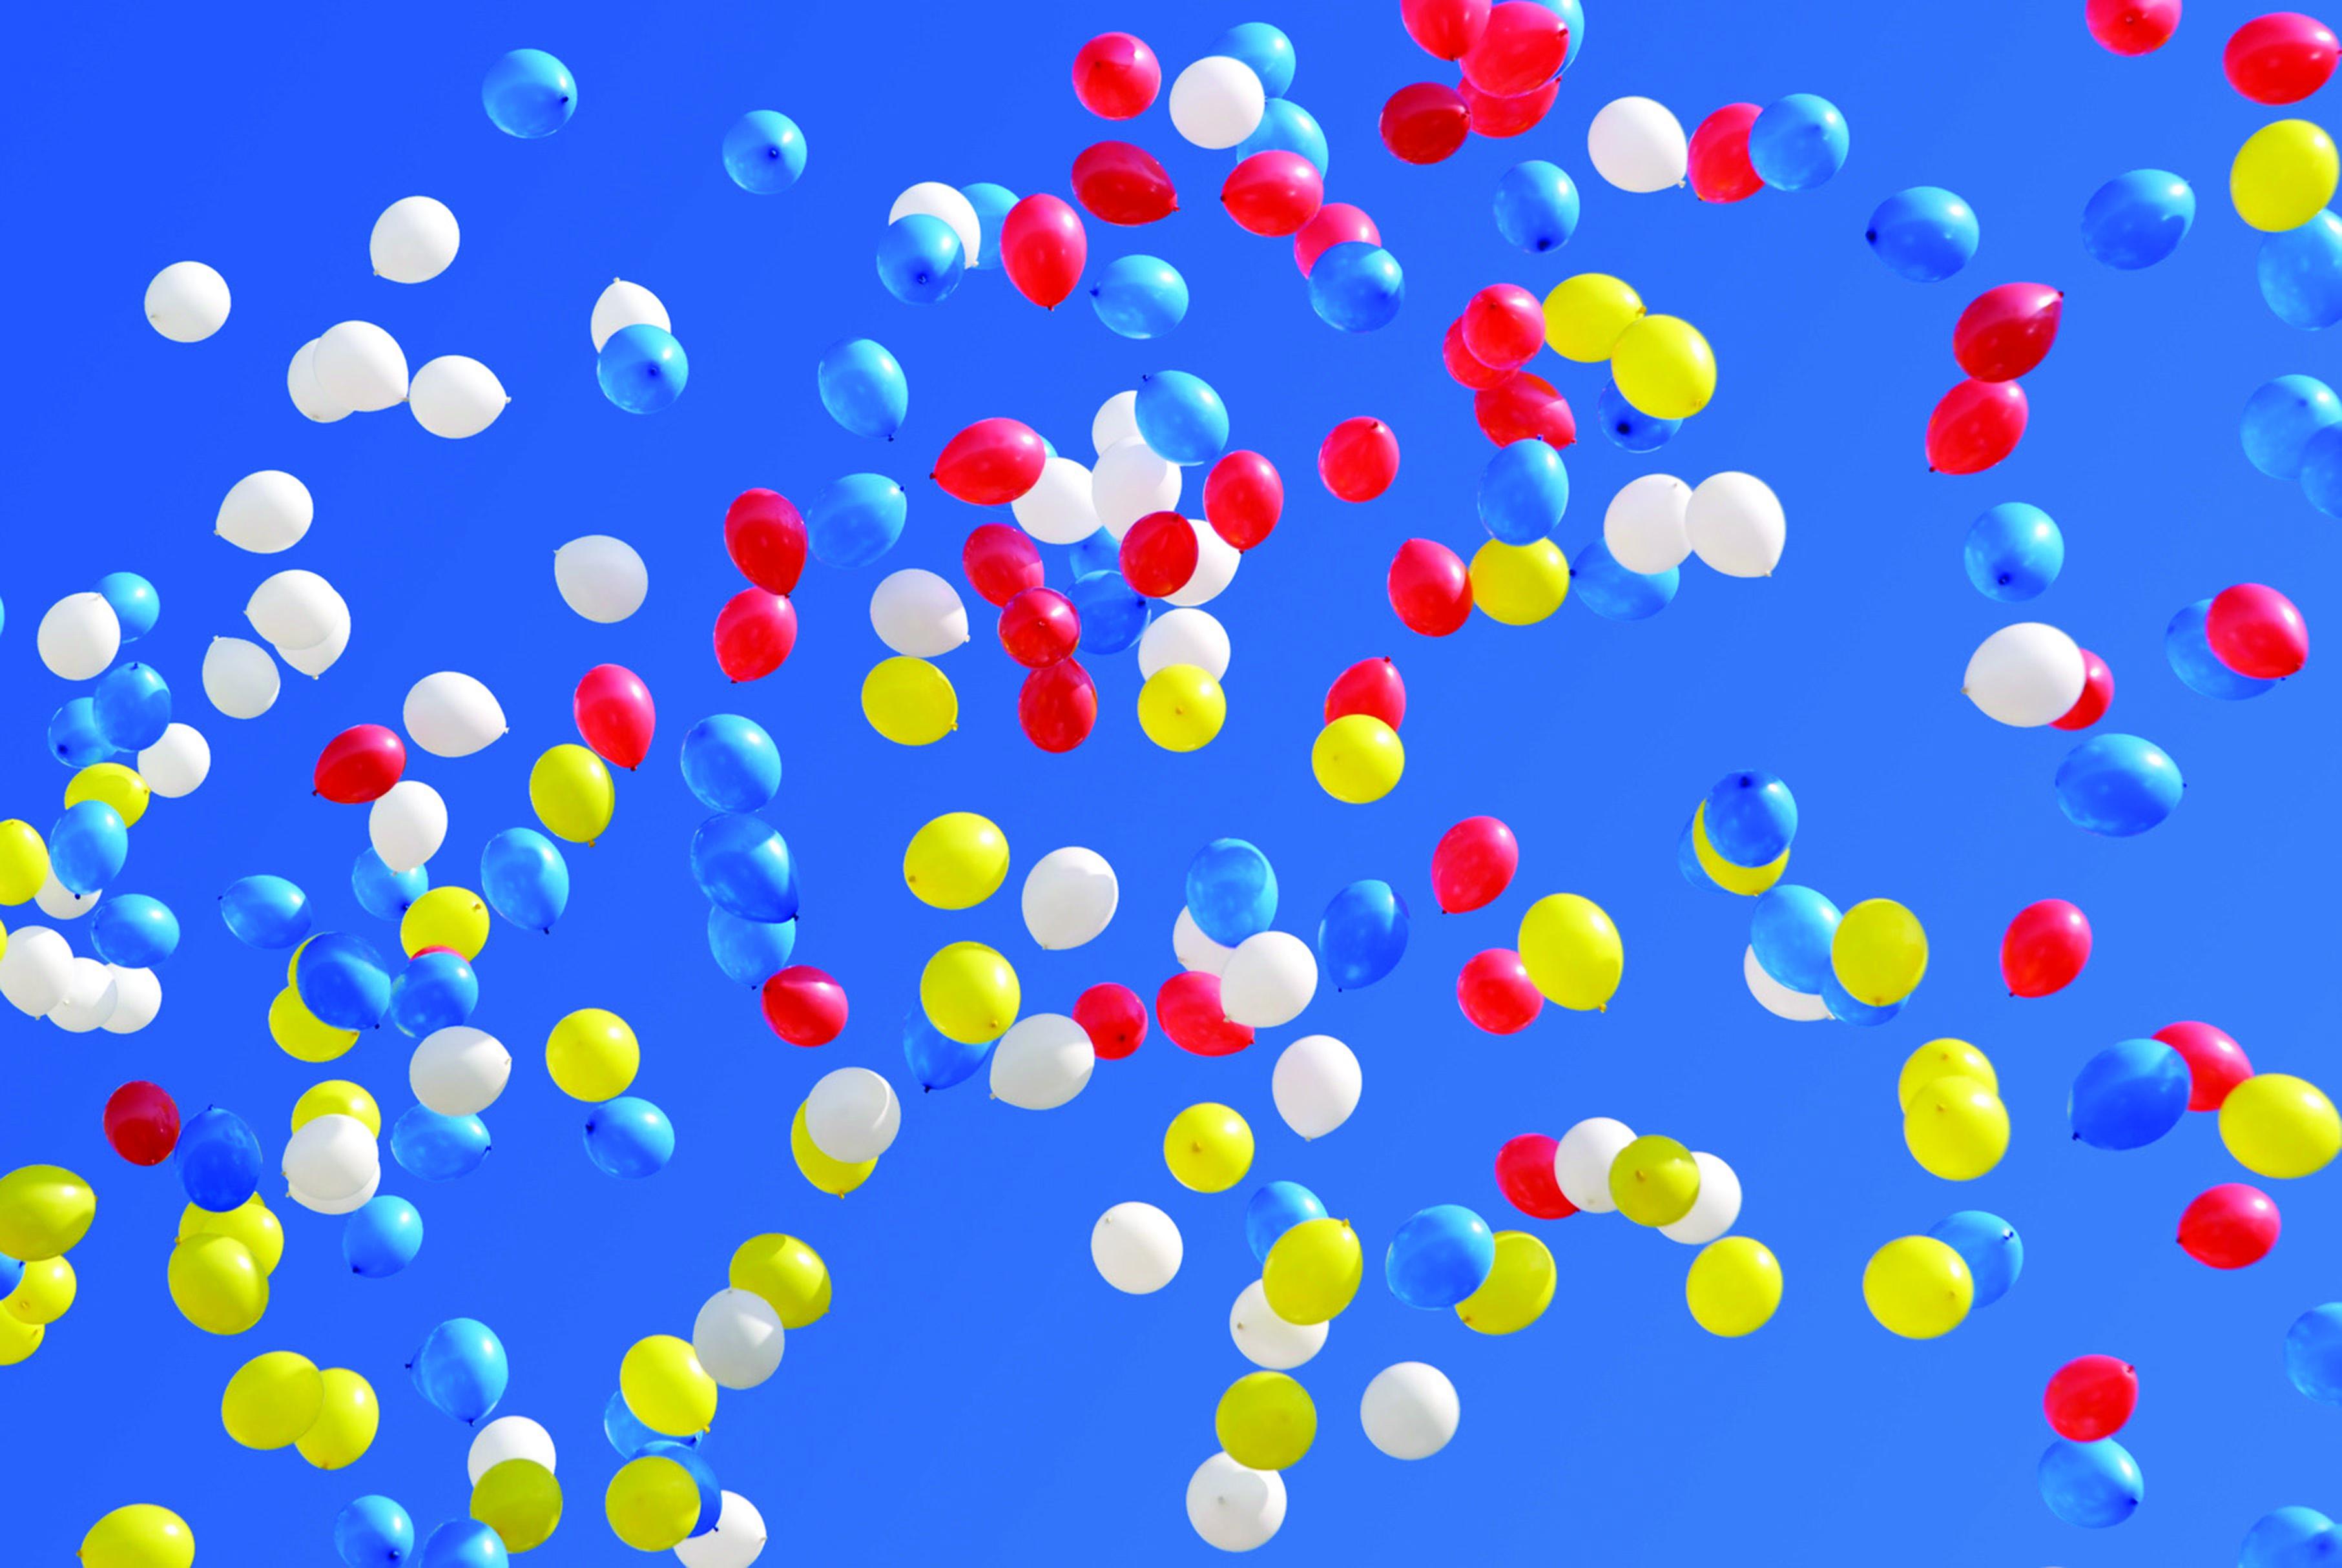 Разноцветные шары летящие в небе. Праздничный фон.